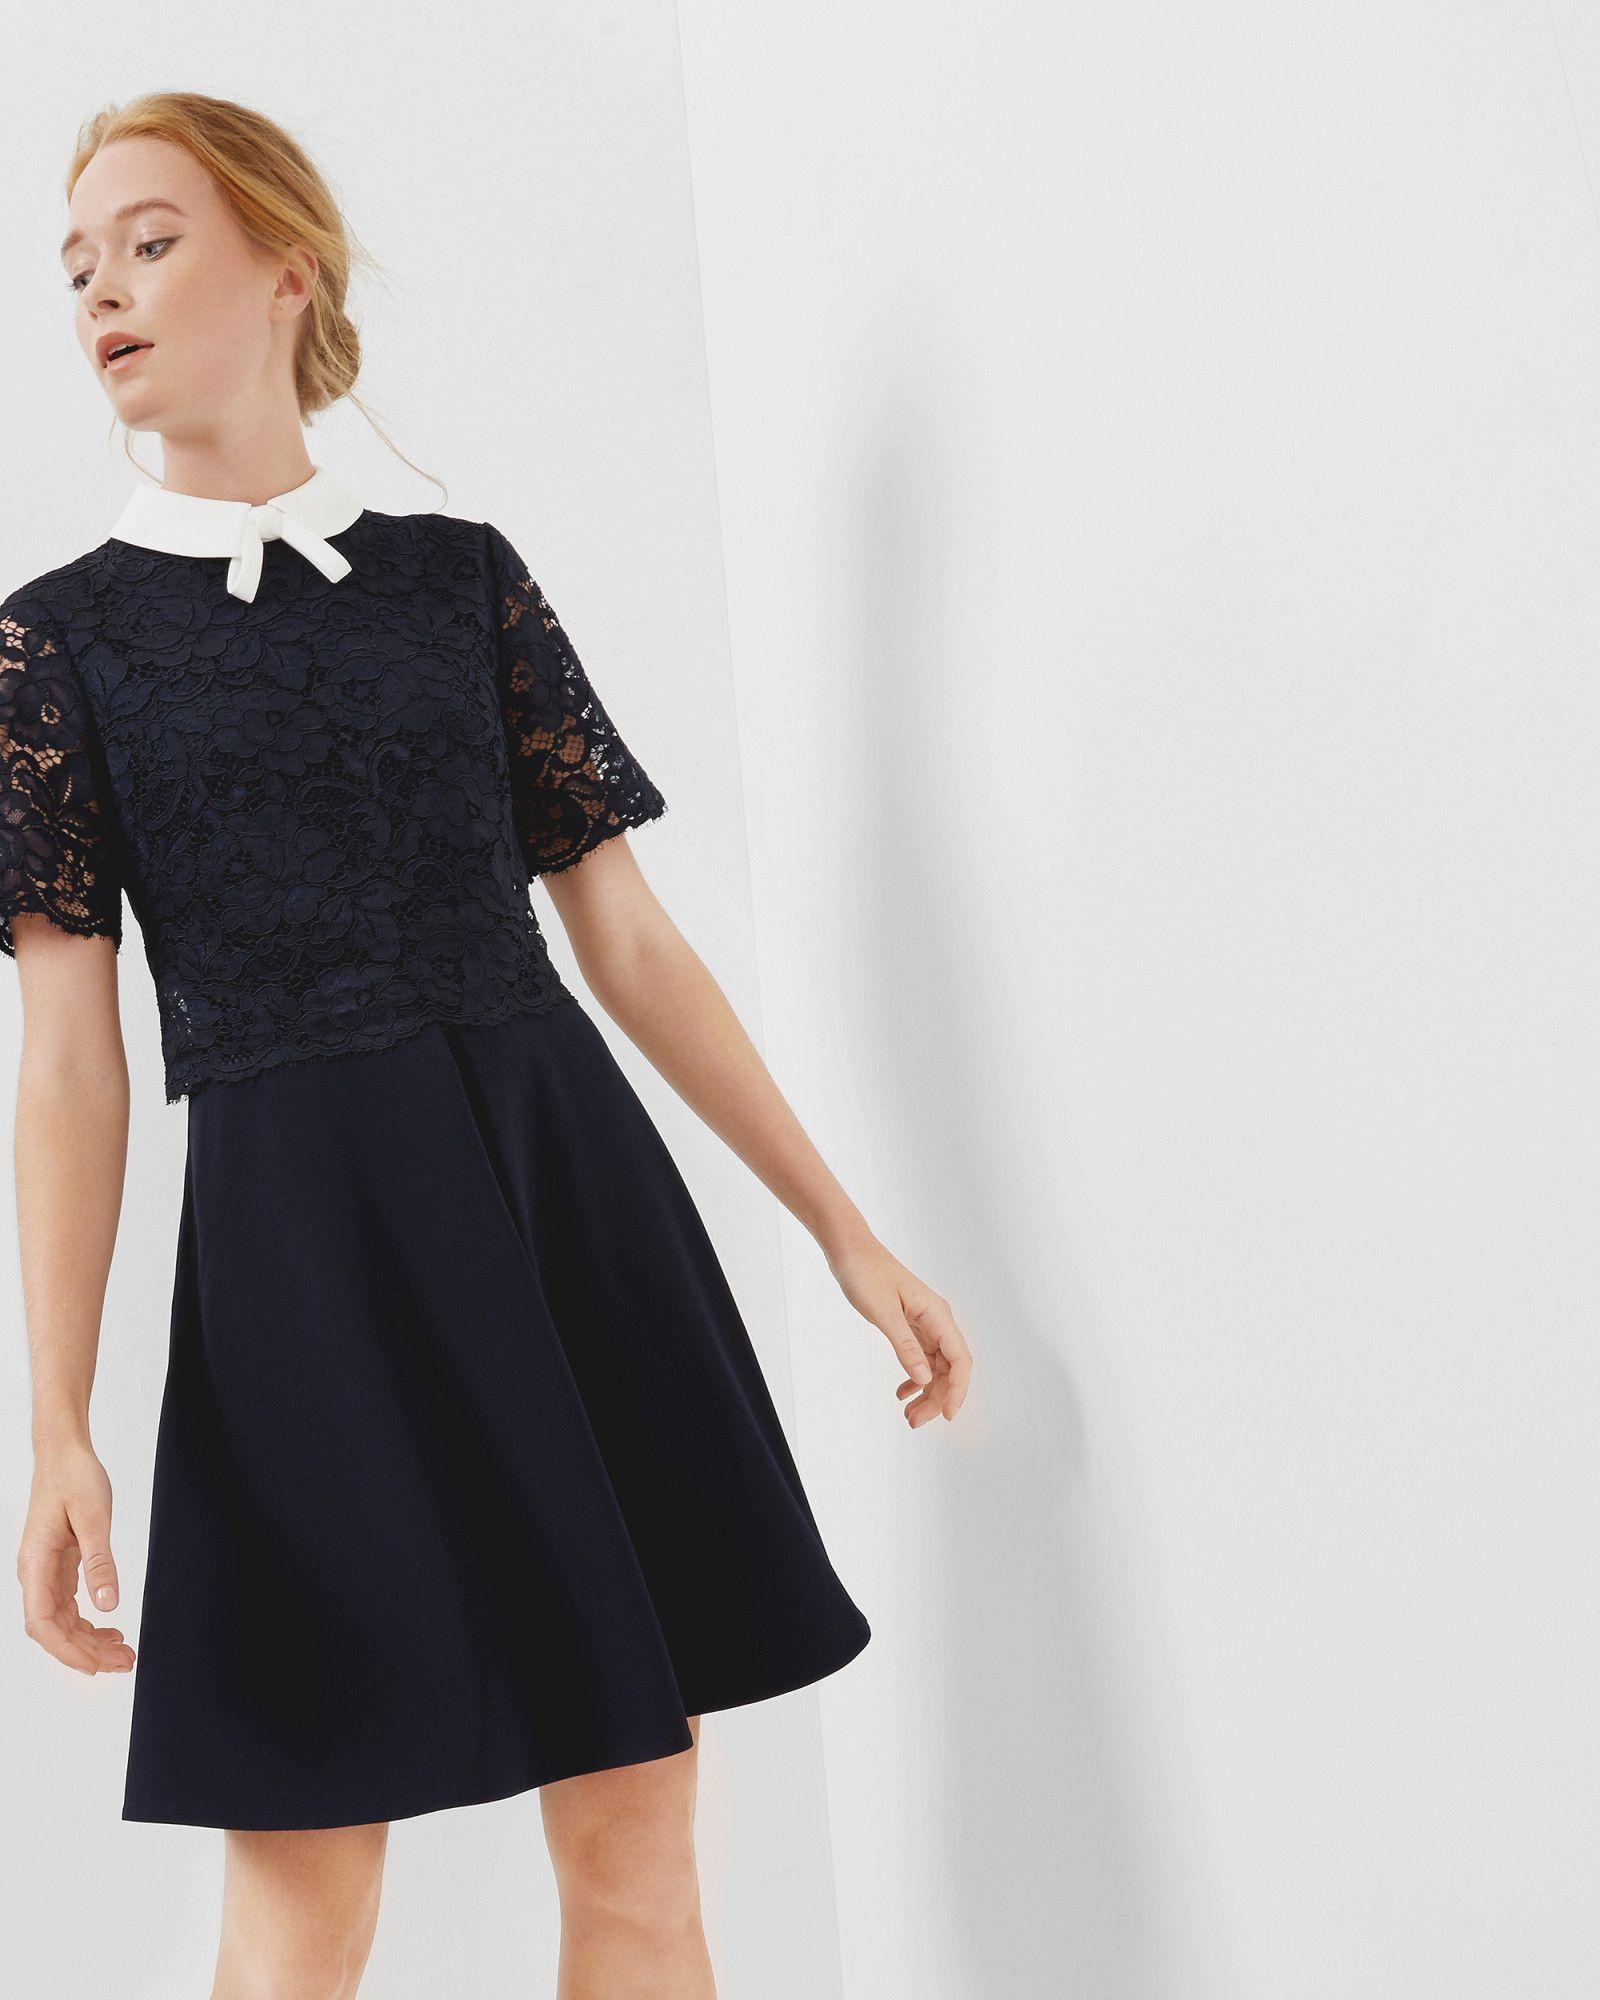 254fdbfe3 Layered lace dress - Navy